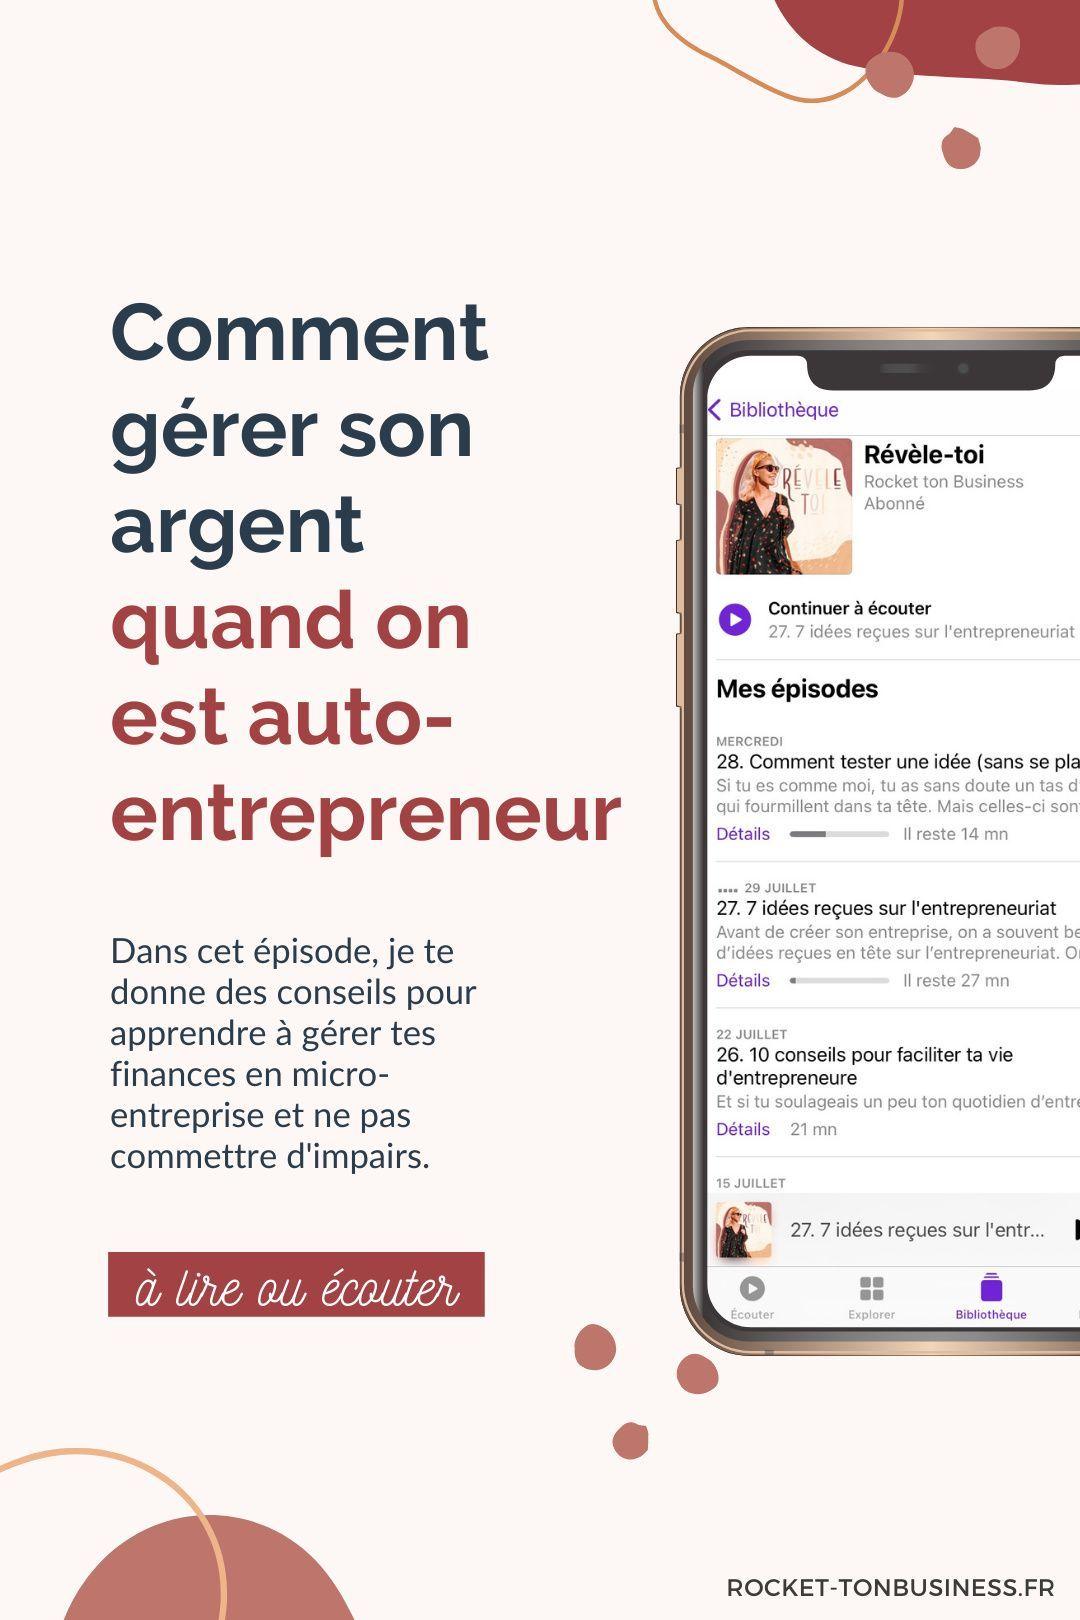 Comment Gerer Ses Revenus D Auto Entrepreneur Rocket Ton Business Entrepreneuriat Entrepreneur Micro Entreprise